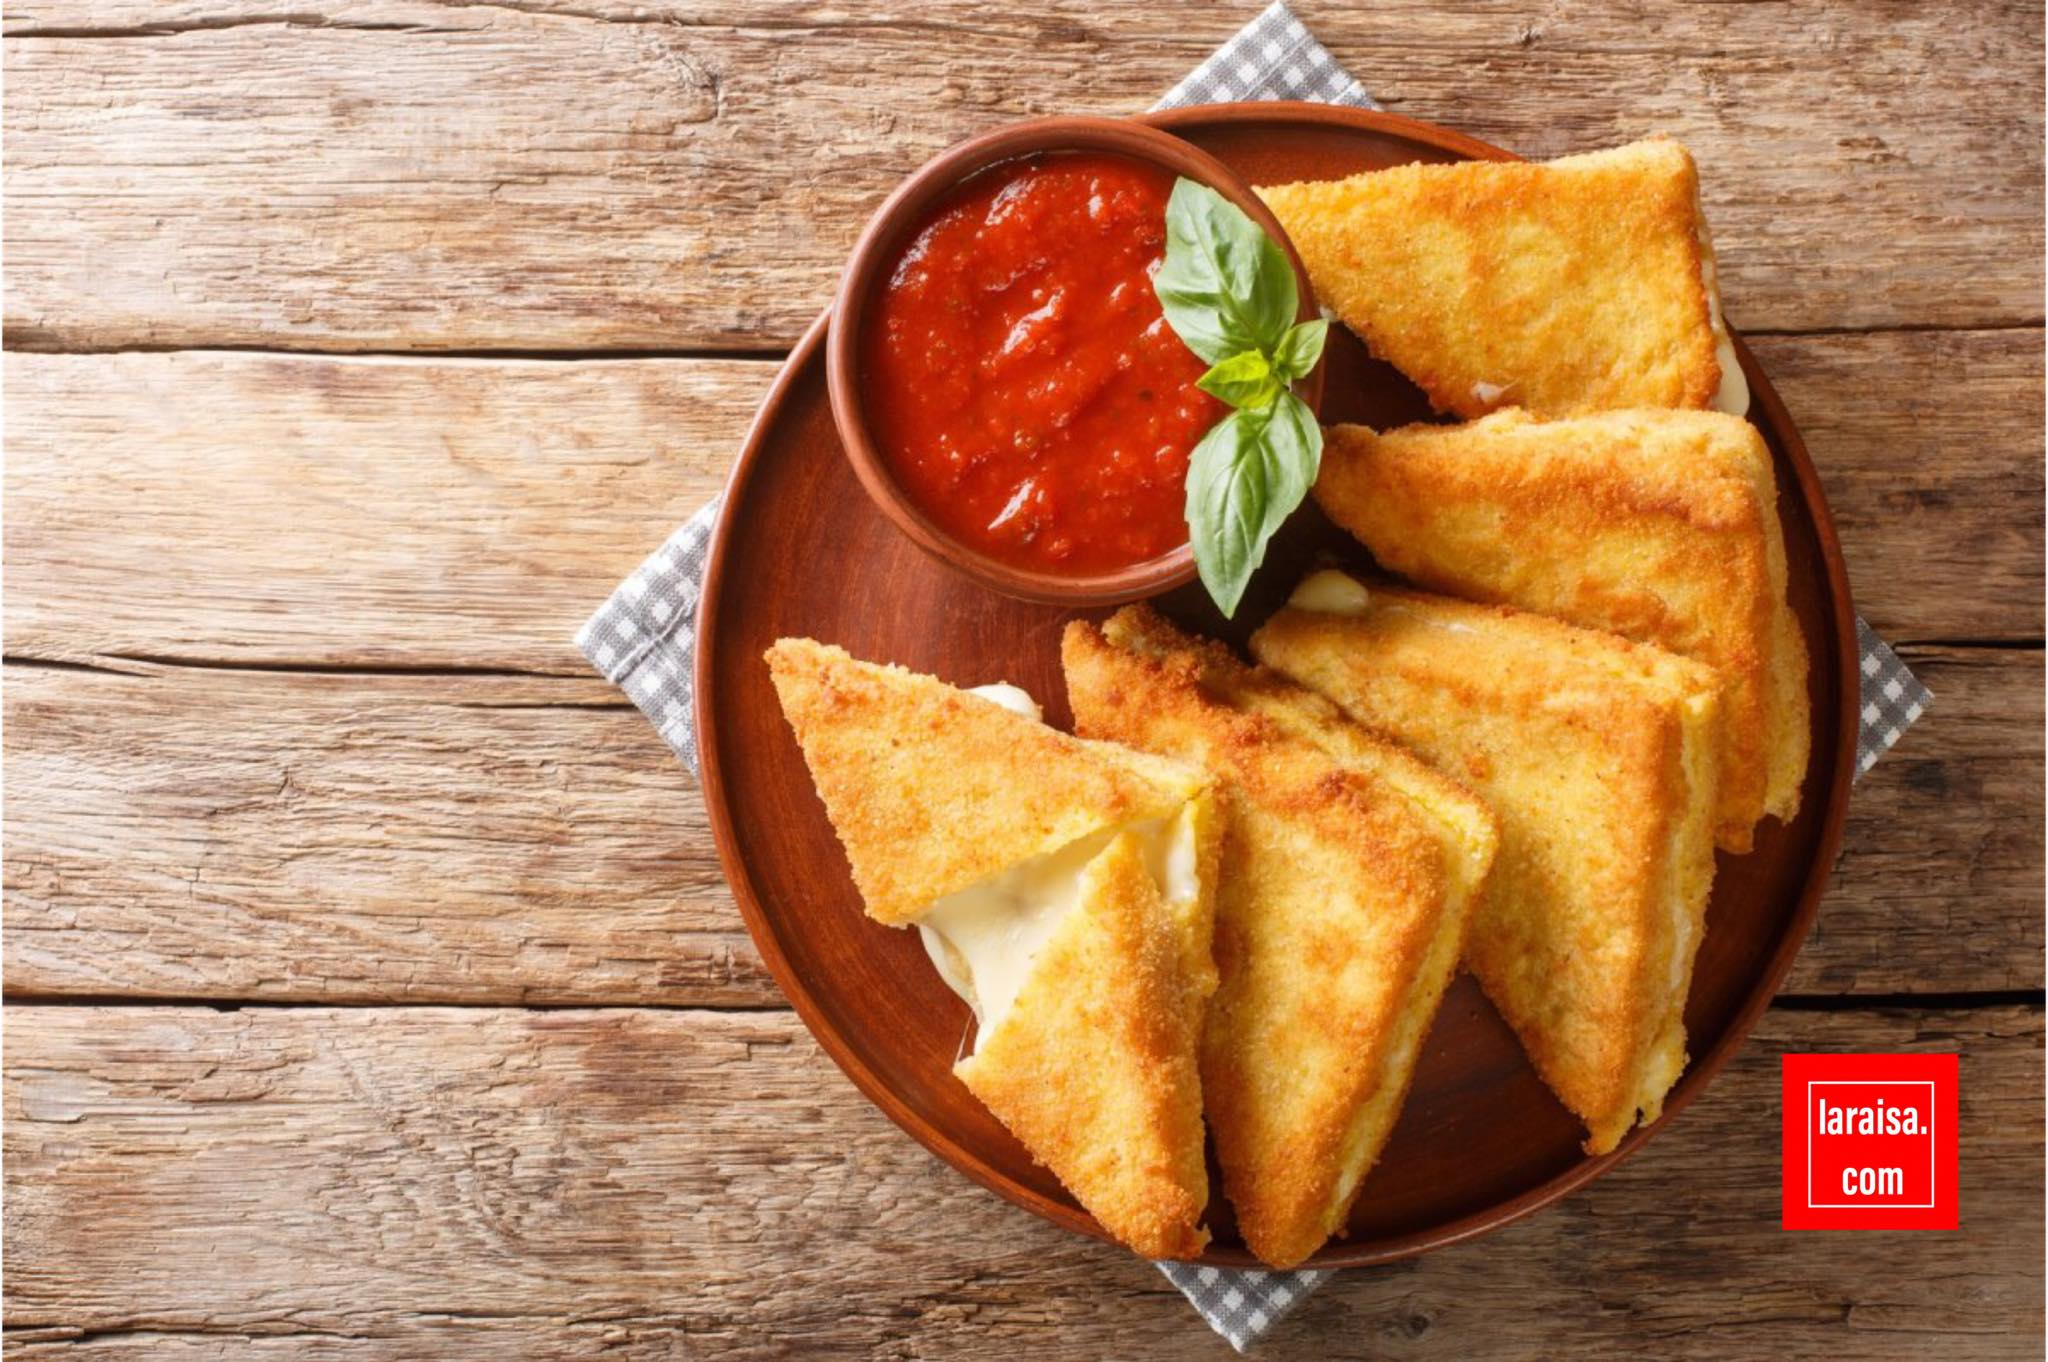 كهذا تبدو السعادة: ساندويتش جبنة إيطالية مشوية يسمى موزاريلا في كاروزا.